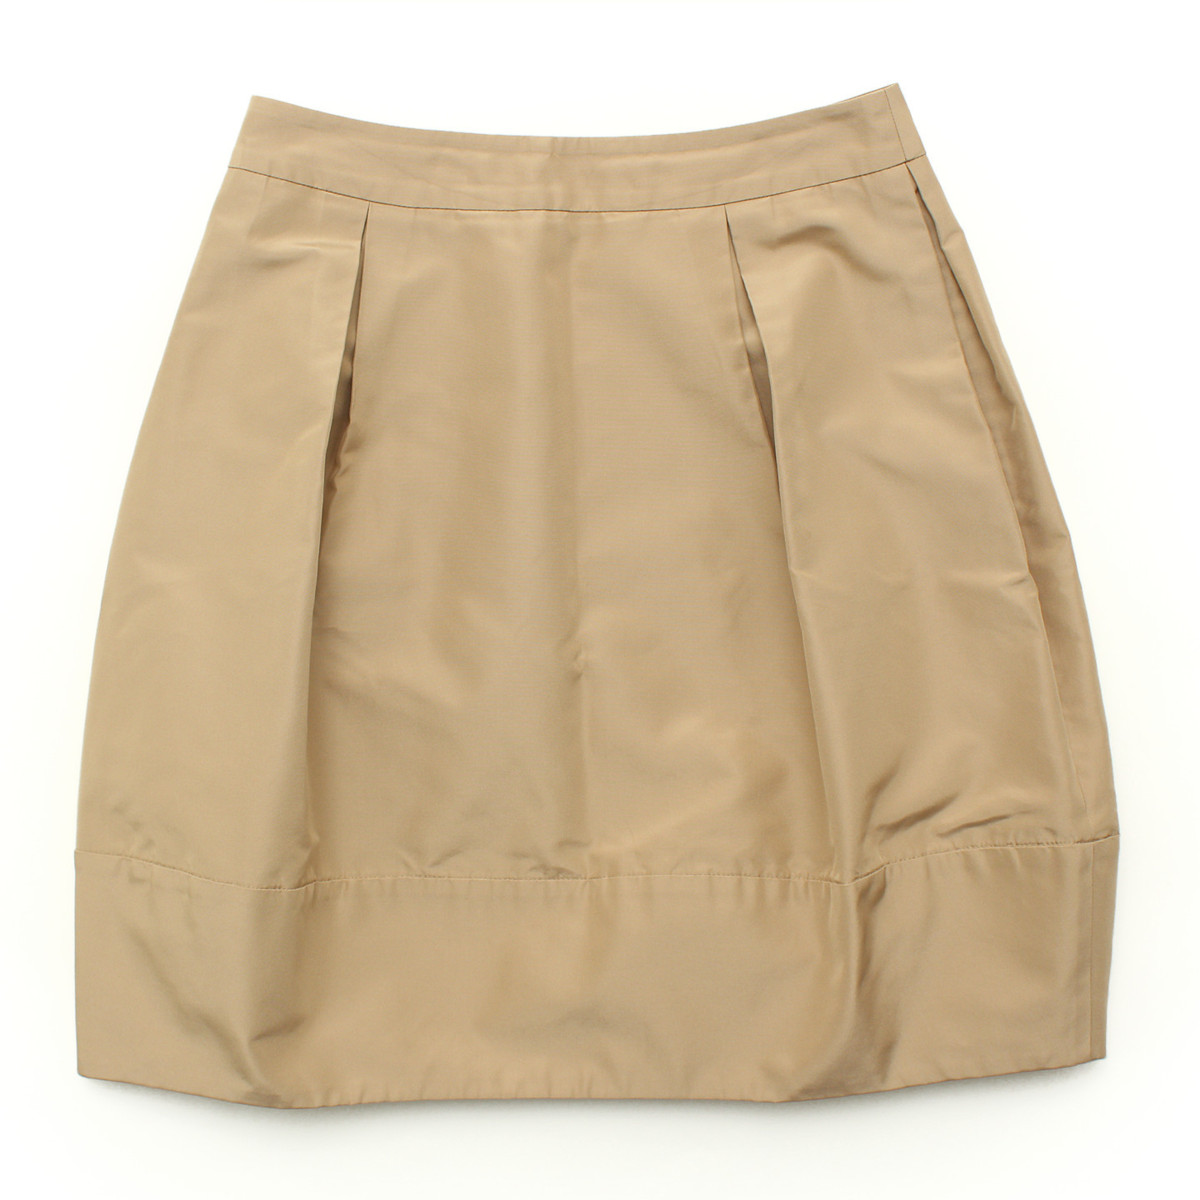 【フォクシー】Foxey 2012年 クラシカルドットスーツ シルク スカート 30144 ベージュ 40 【中古】【鑑定済・正規品保証】27799